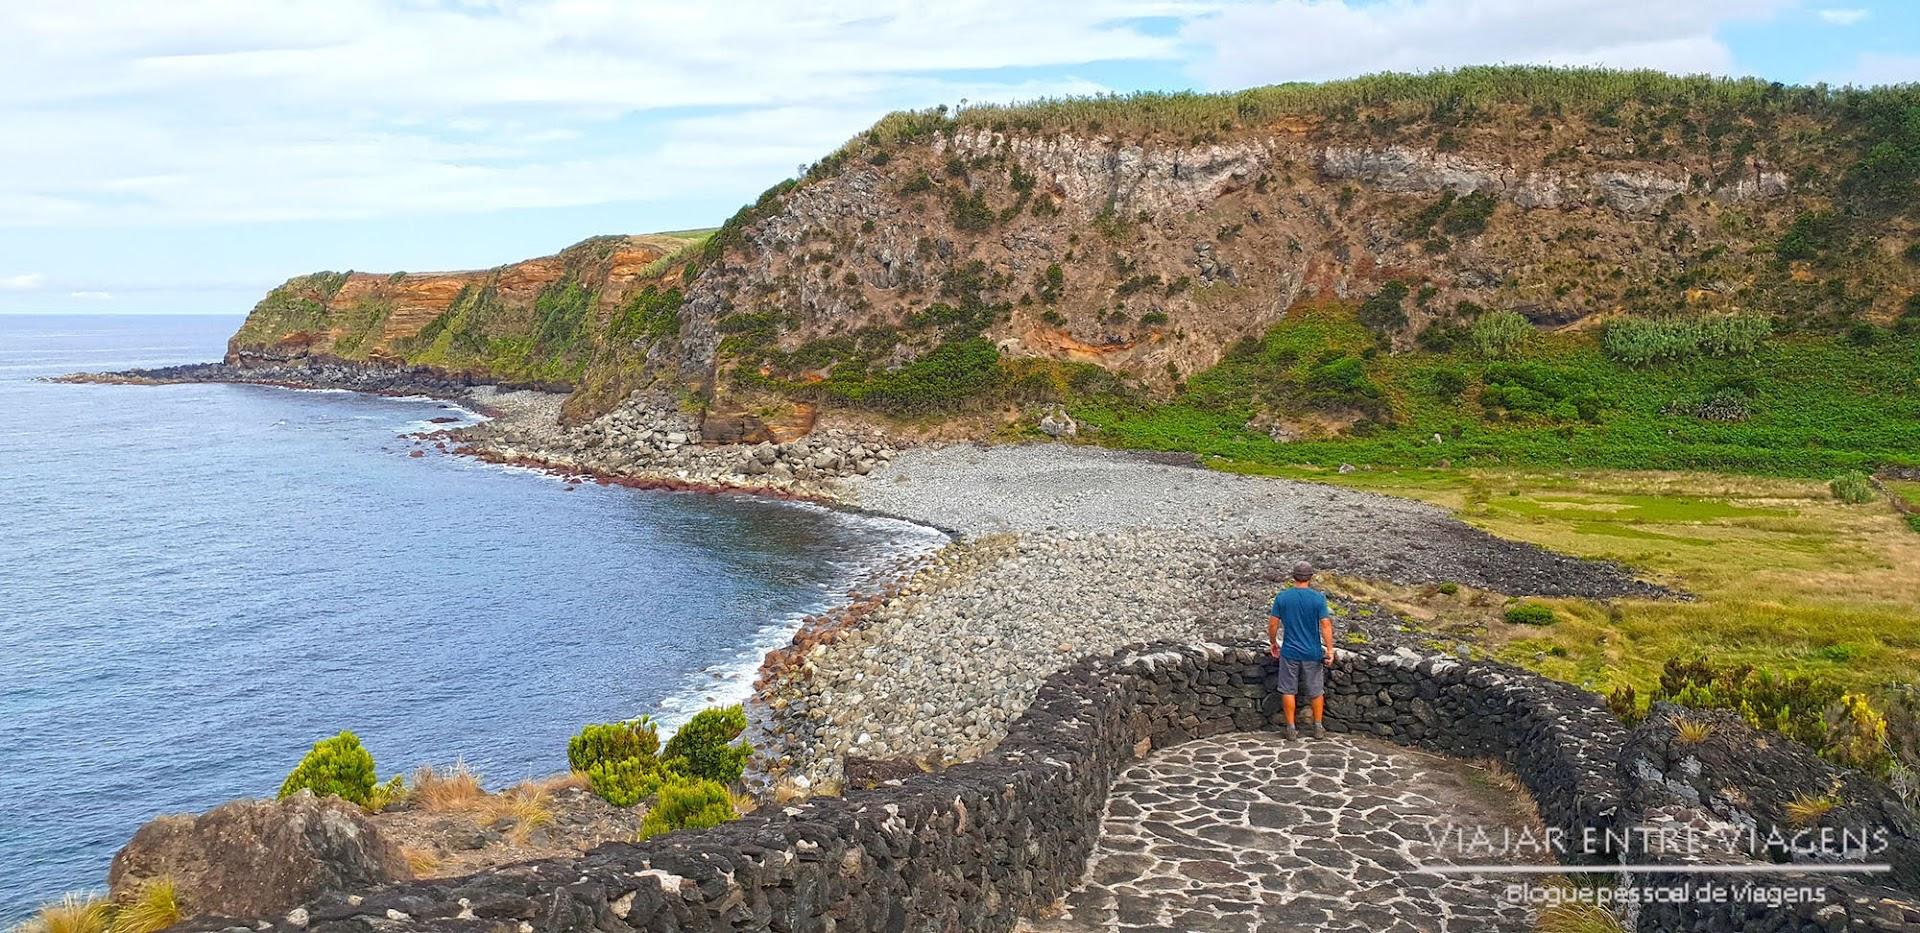 Descer ao Miradouro de Alagoa, na ilha Terceira